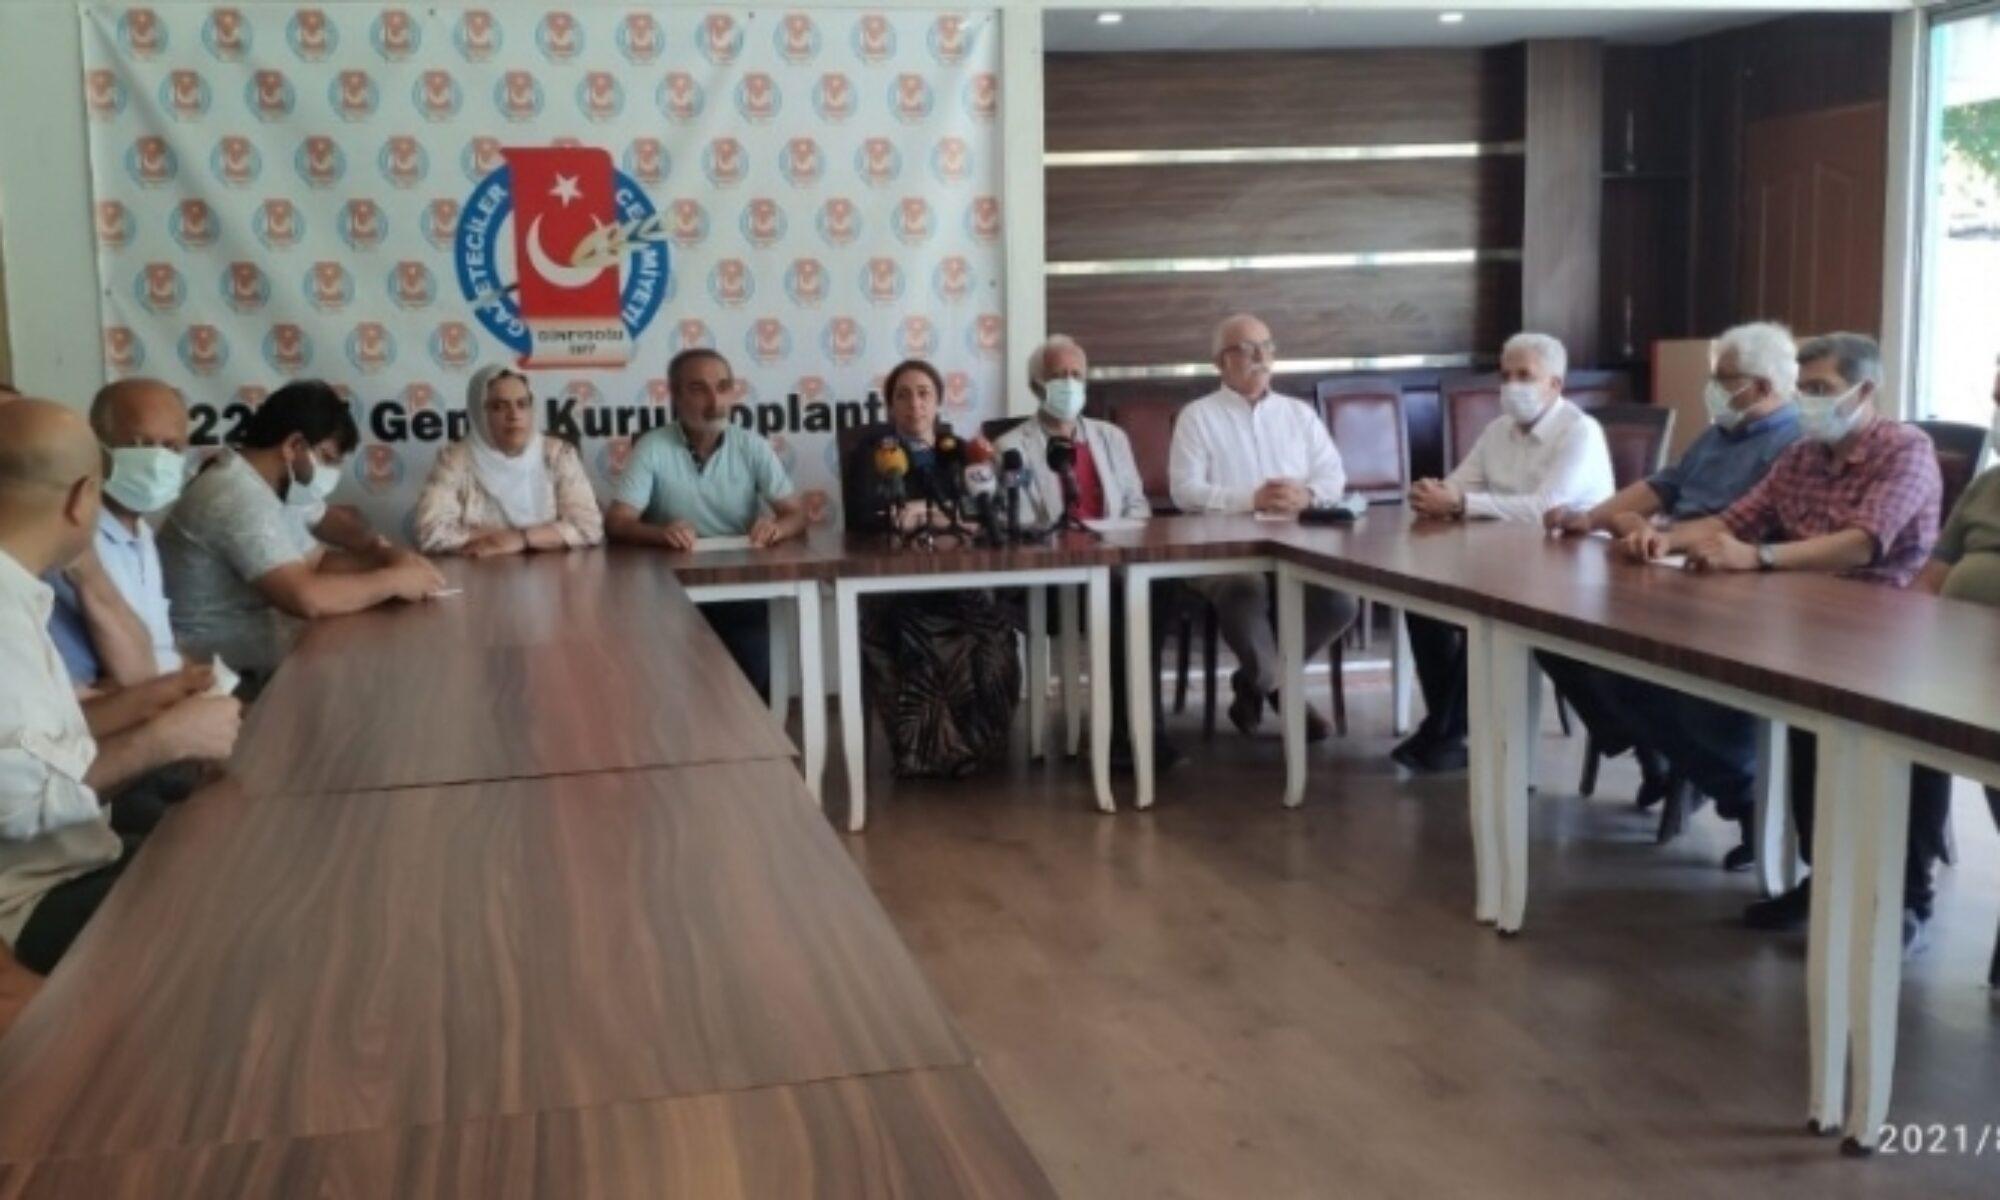 Kürdistani İttifak Gurubu Konya'daki ırkçı saldırıya karşı ortak açıklama yaptı